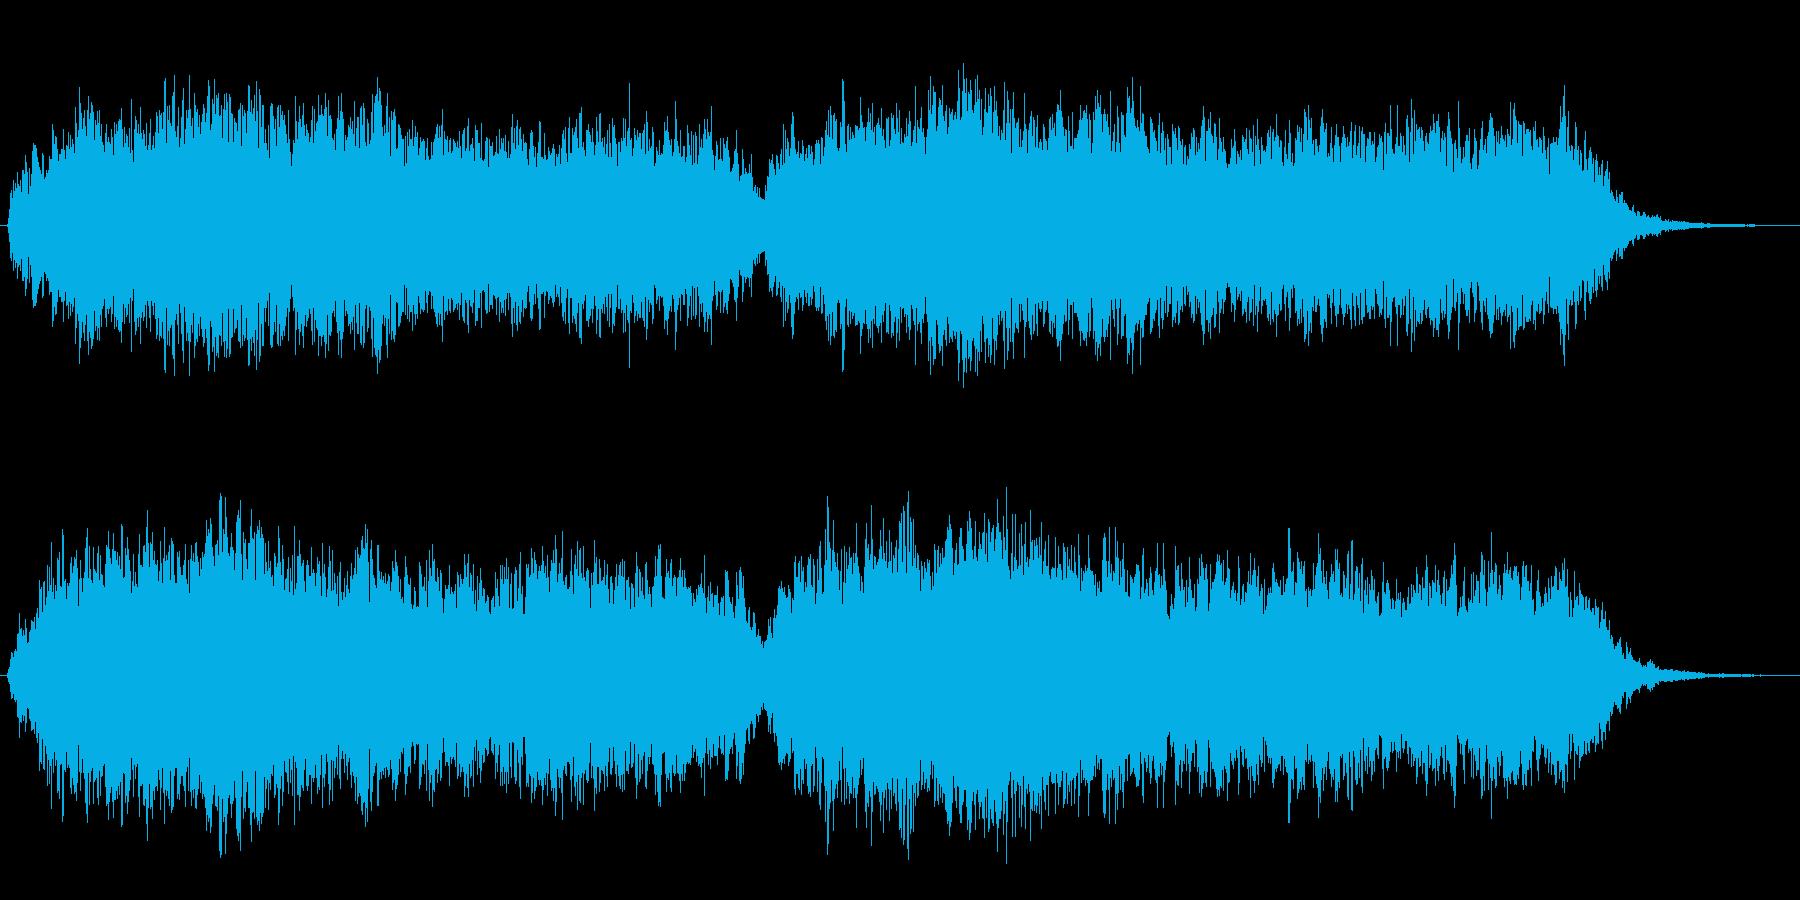 浄化された世界 クワイア コーラスの再生済みの波形